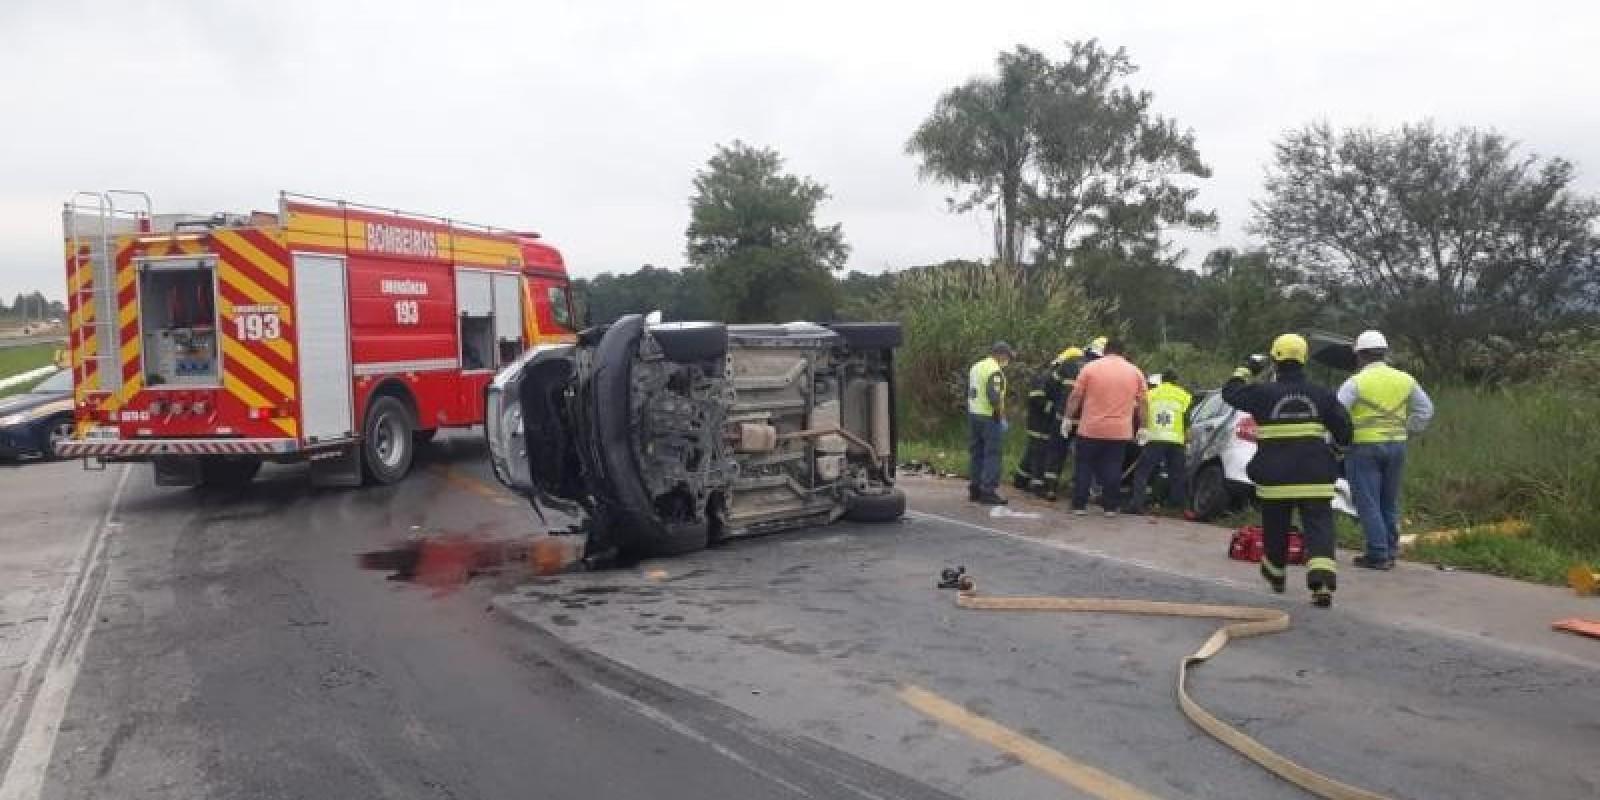 Cinco pessoas morrem em acidentes nas rodovias de SC durante o fim de semana